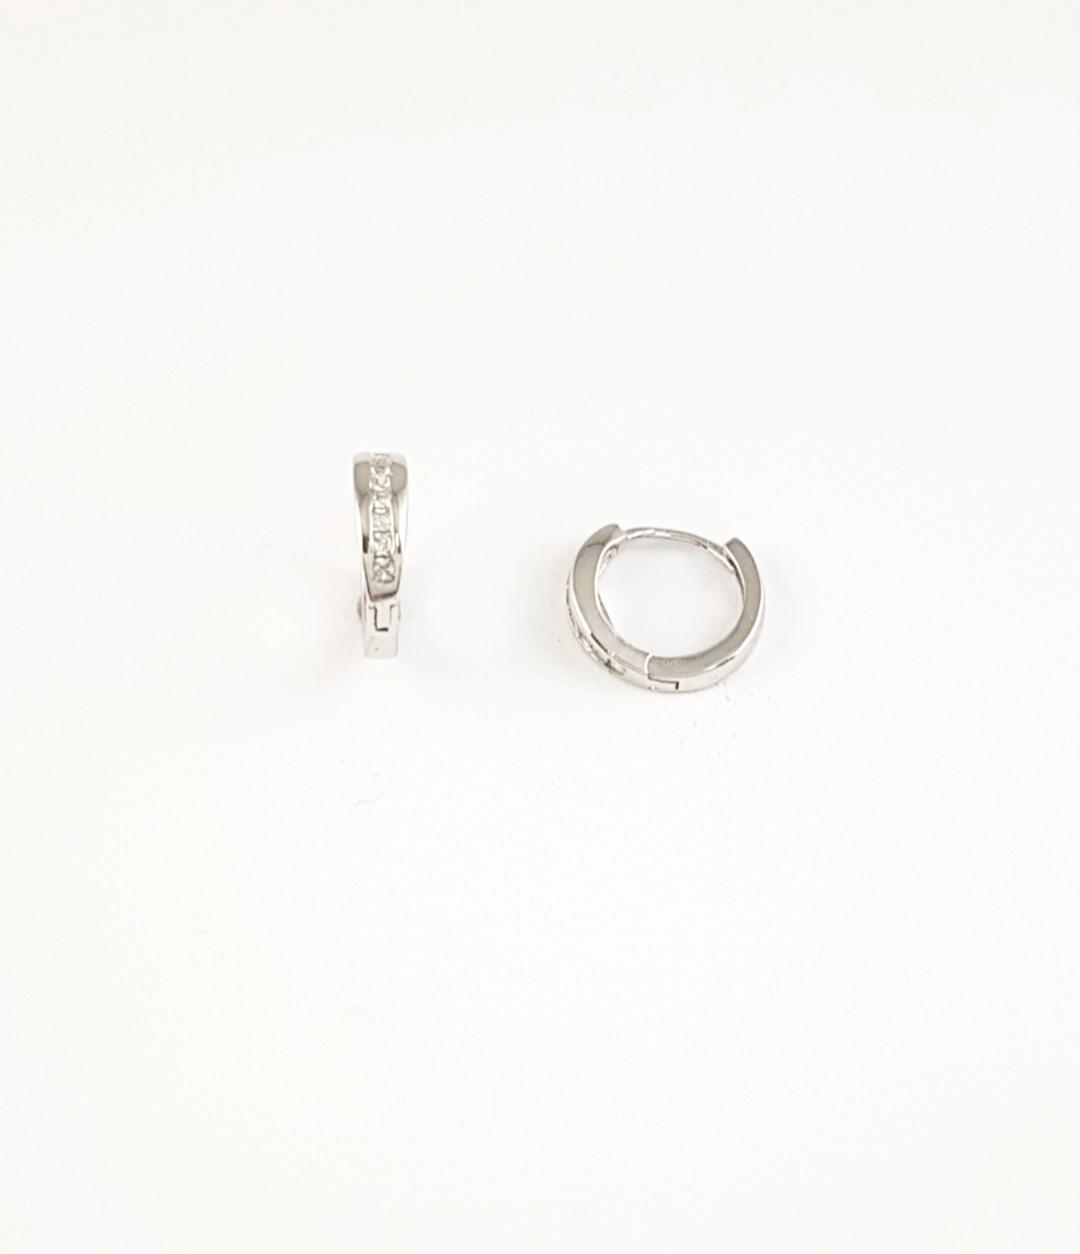 d941ee5e806e Pendientes aro plata con circonitas - Joyería Amores. Tienda online joyas  personalizadas y artesanales